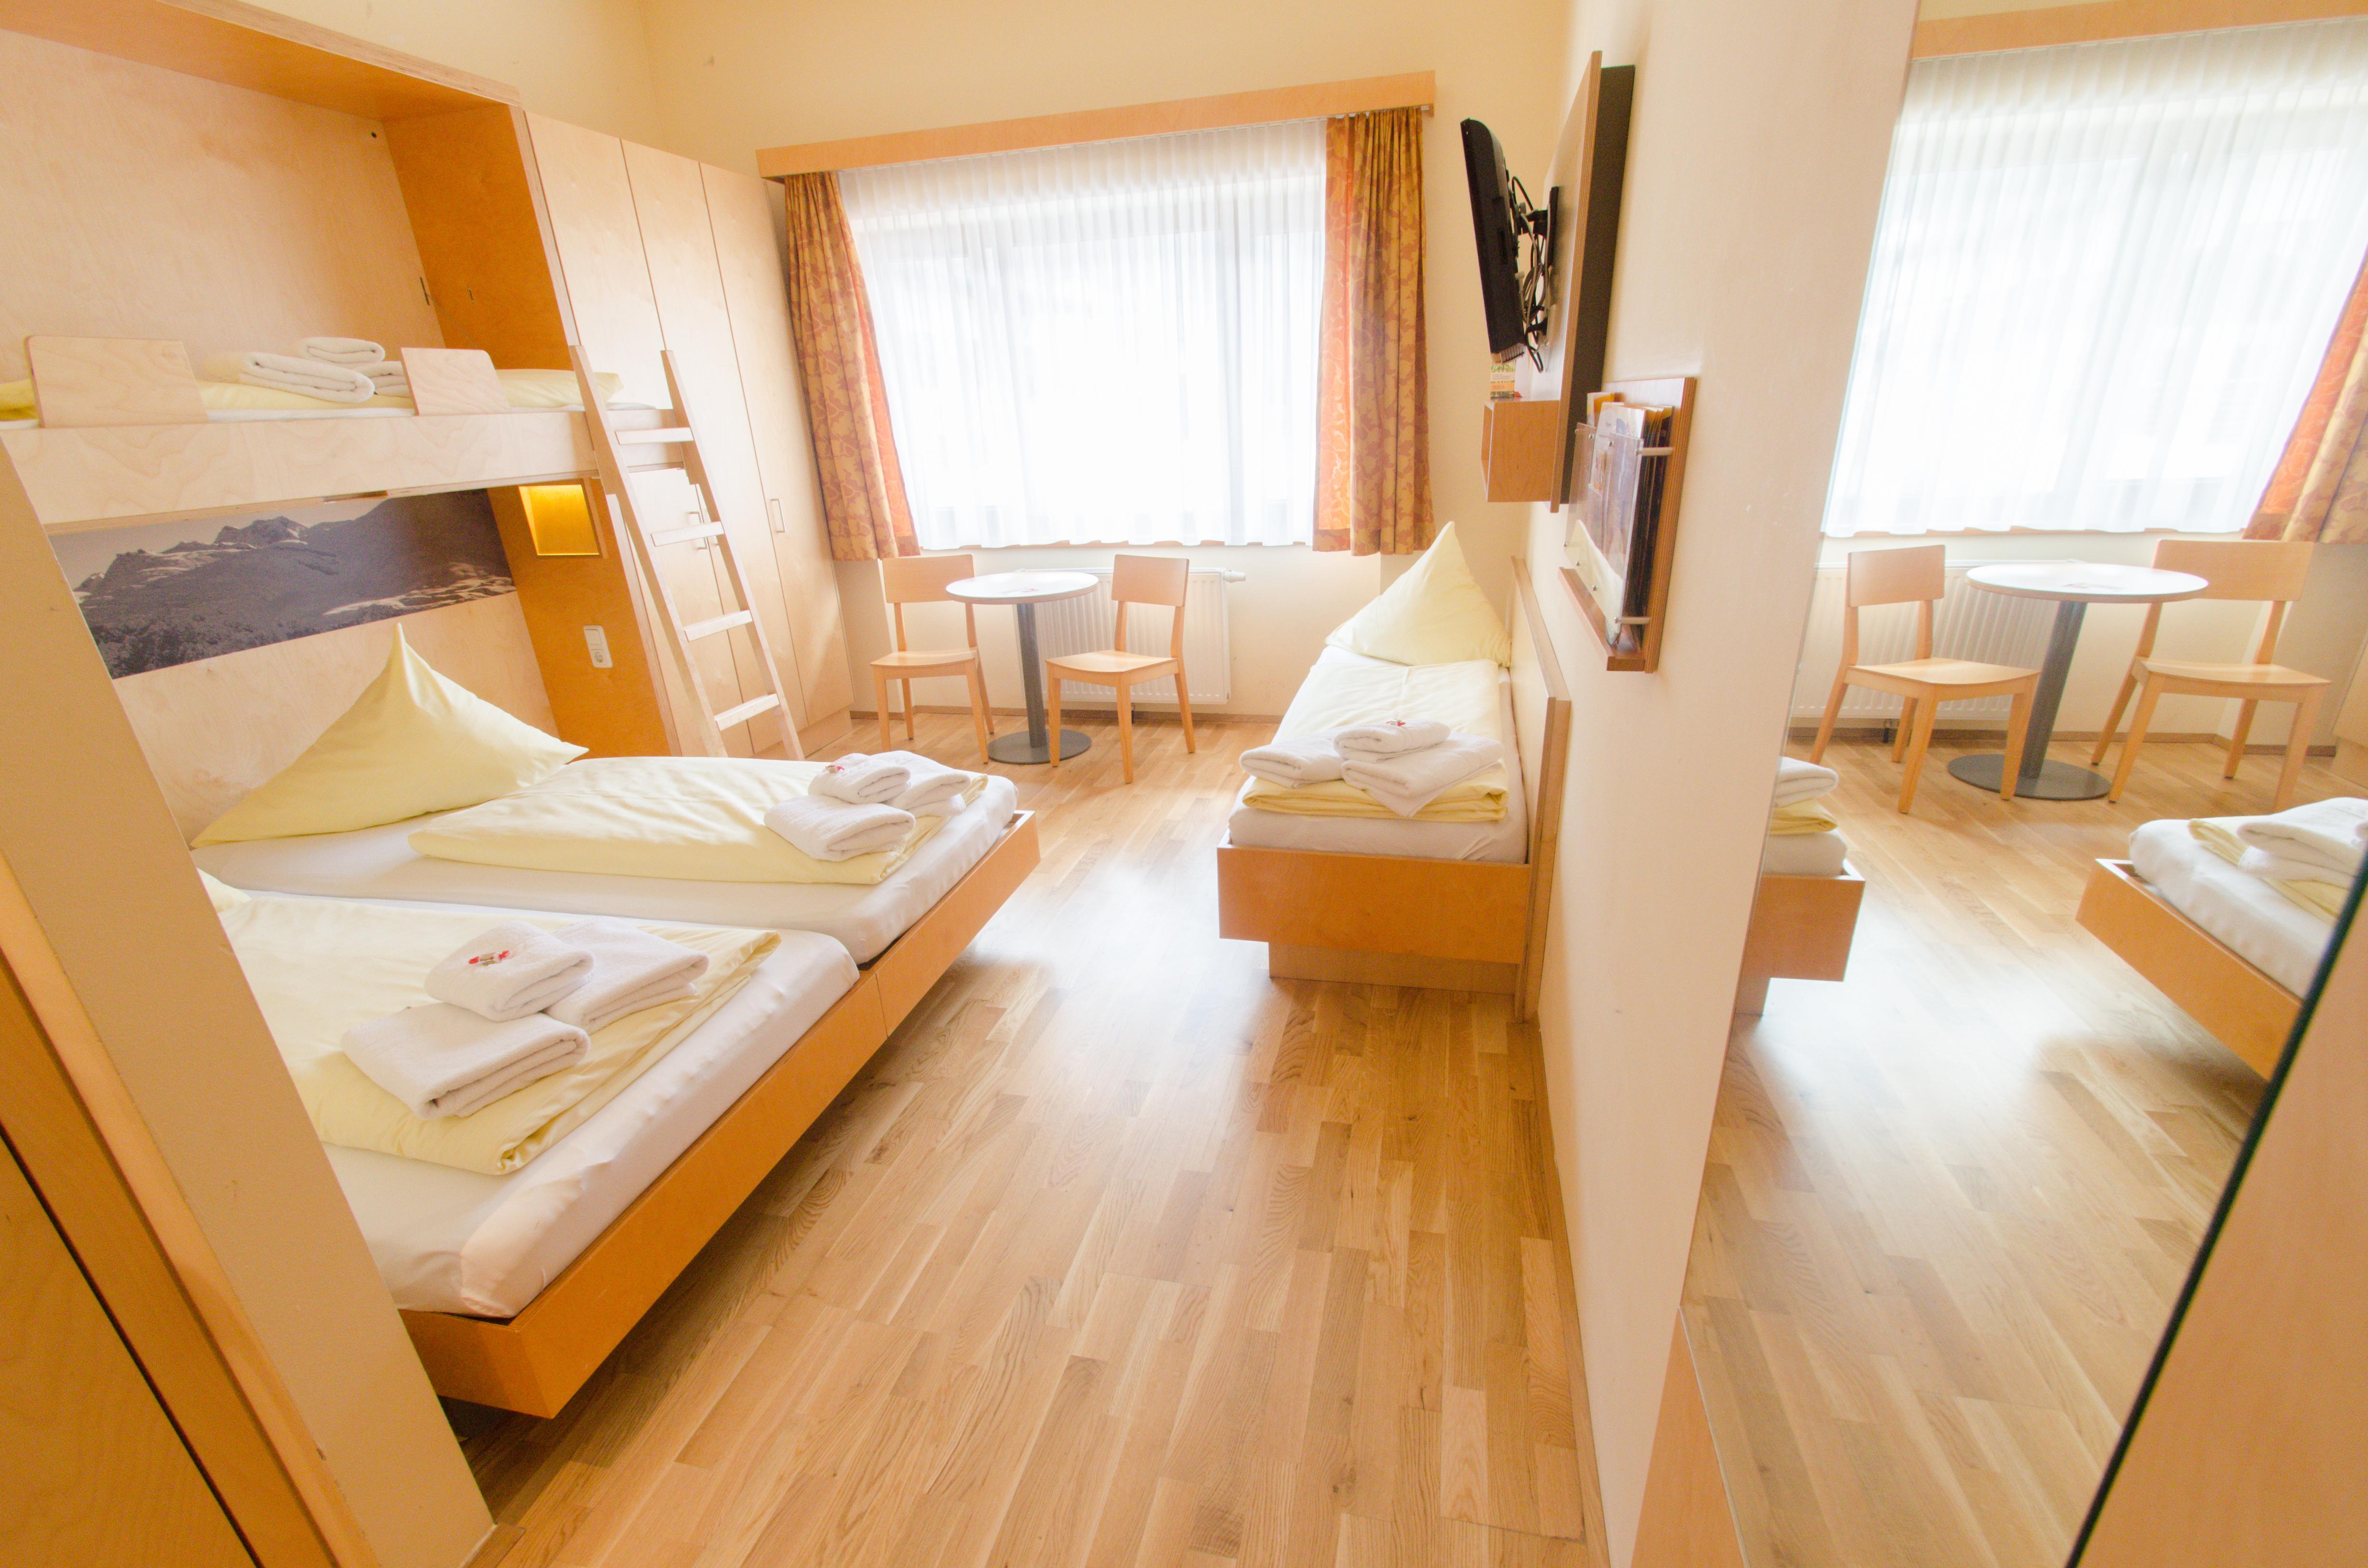 Betten im Familienzimmer large im JUFA Hotel Montafon mit Spiegel. Der Ort für erholsamen Familienurlaub und einen unvergesslichen Winter- und Wanderurlaub.